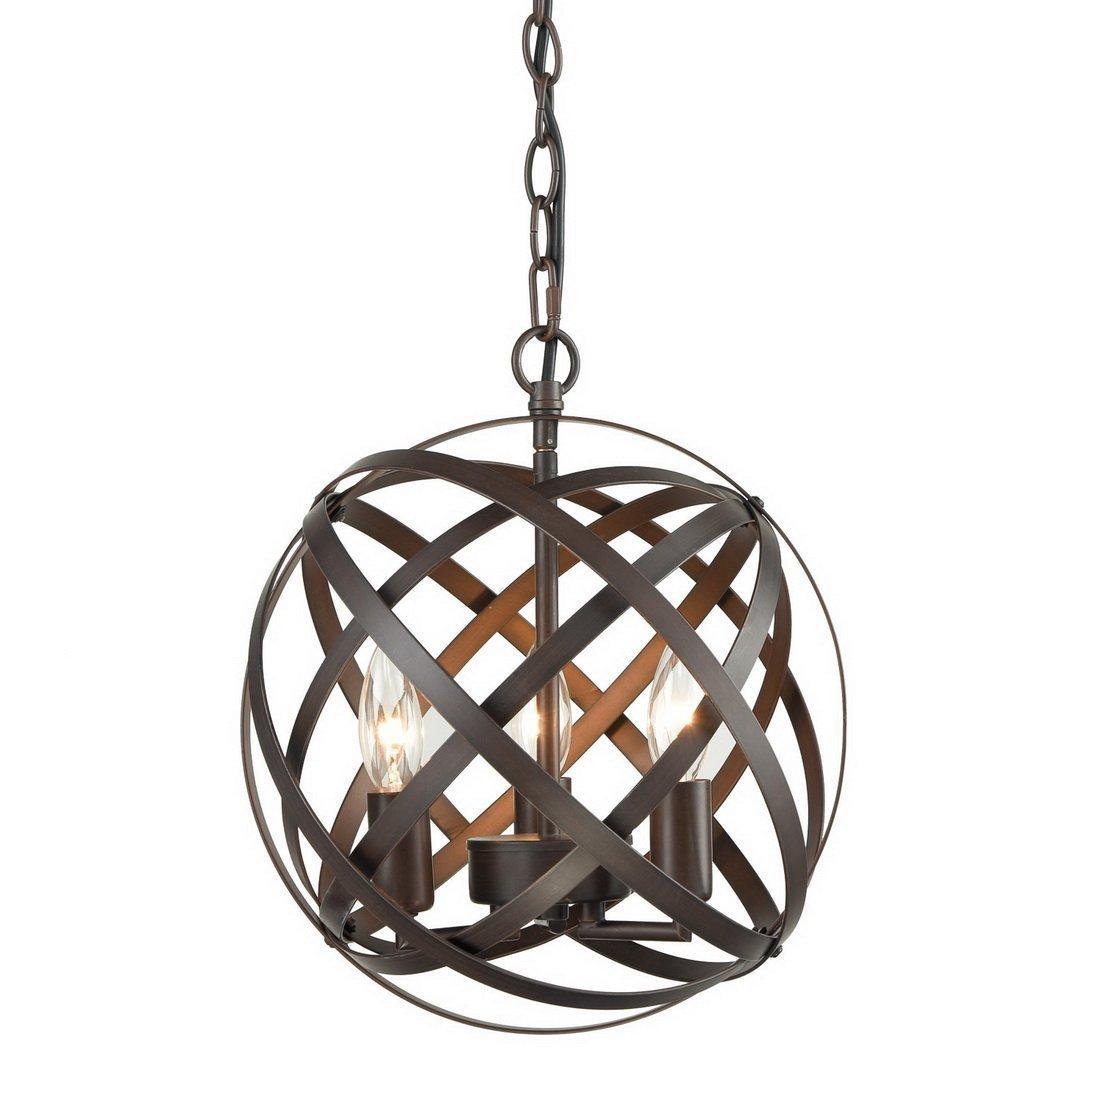 Mcinerney Cage 3 Light Globe Chandelier Regarding Shipststour 3 Light Globe Chandeliers (View 25 of 30)